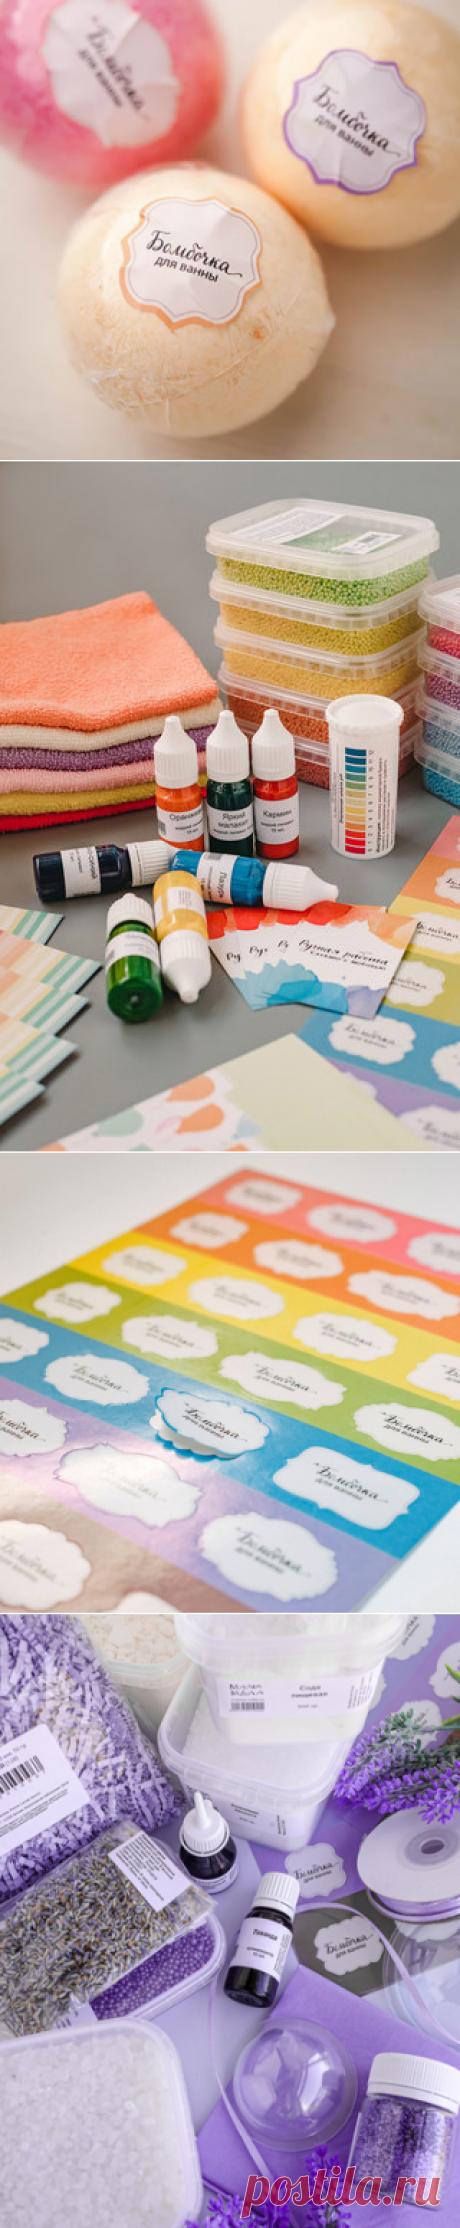 """Вырубные маленькие наклейки """"Бомбочка для ванны""""  - новое слово в упаковке мыла и других подарков от """"Мамы Мыла"""""""